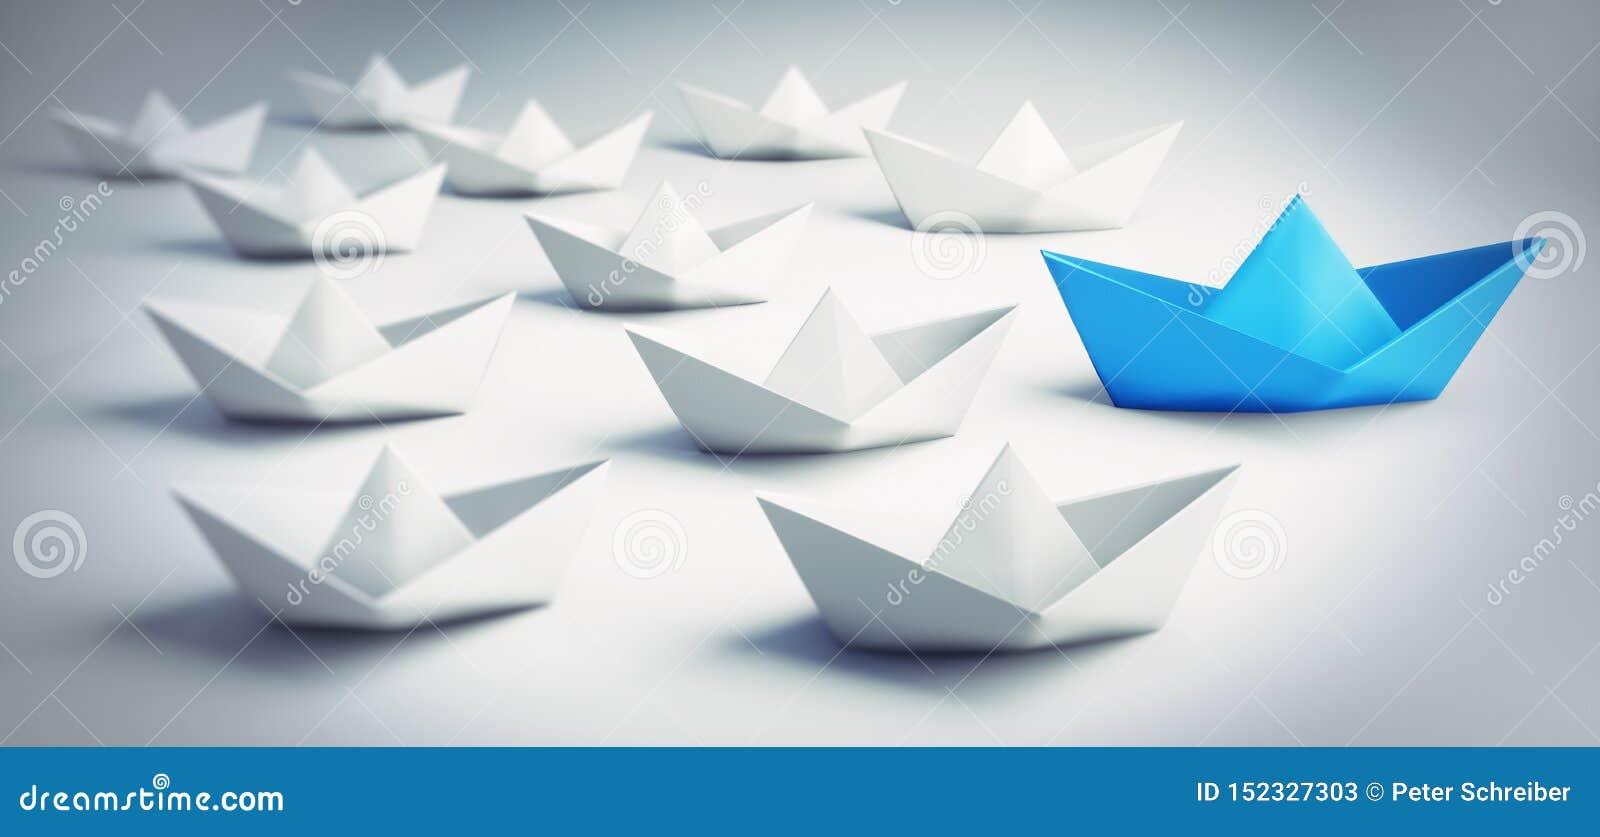 Groep witte en blauwe document boten - 3D illustratie